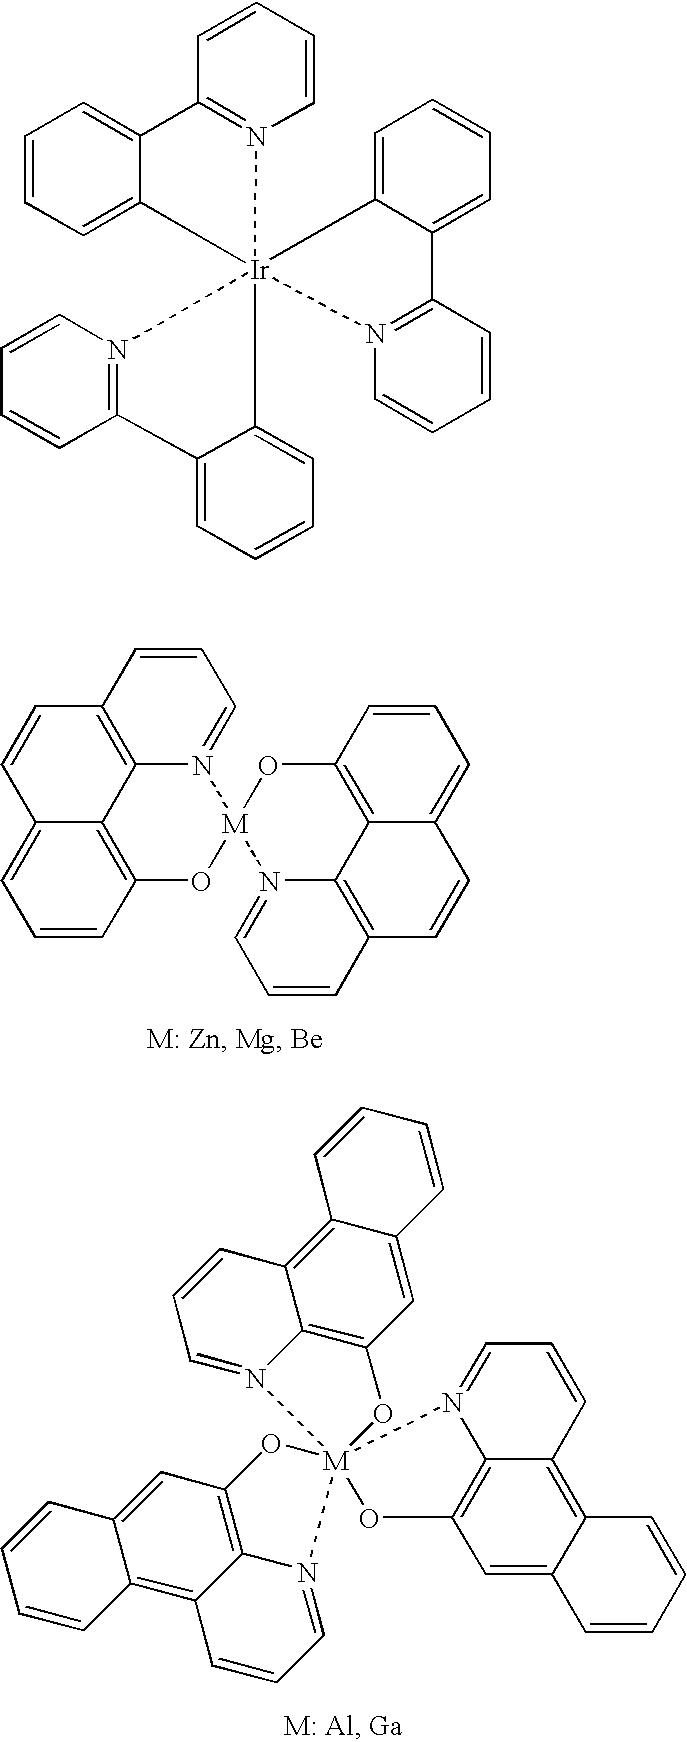 Figure US20090004507A1-20090101-C00004